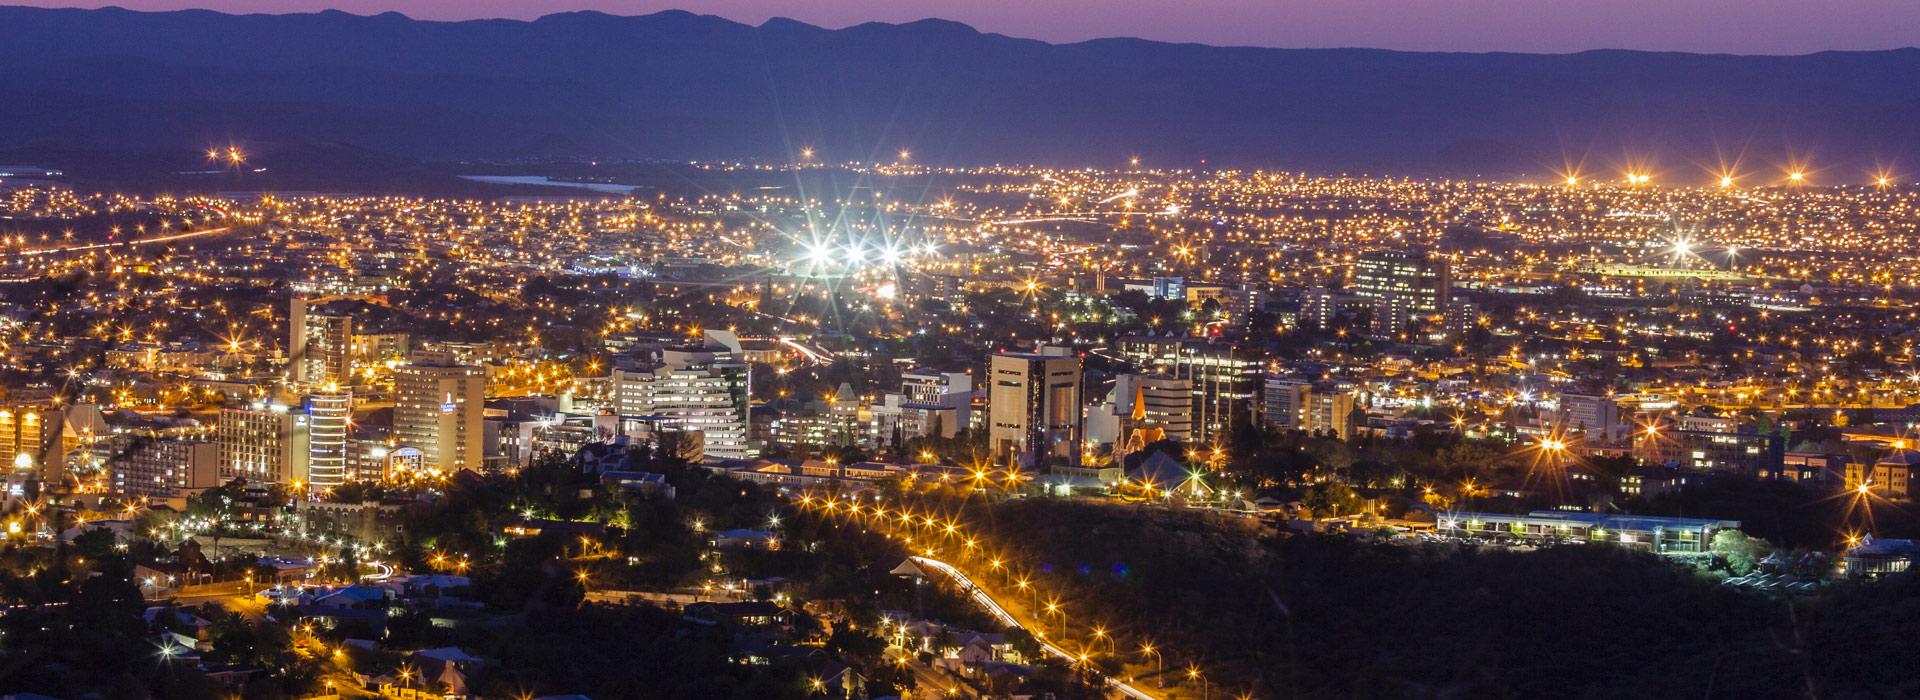 Windhoek, capitale de la Namibie